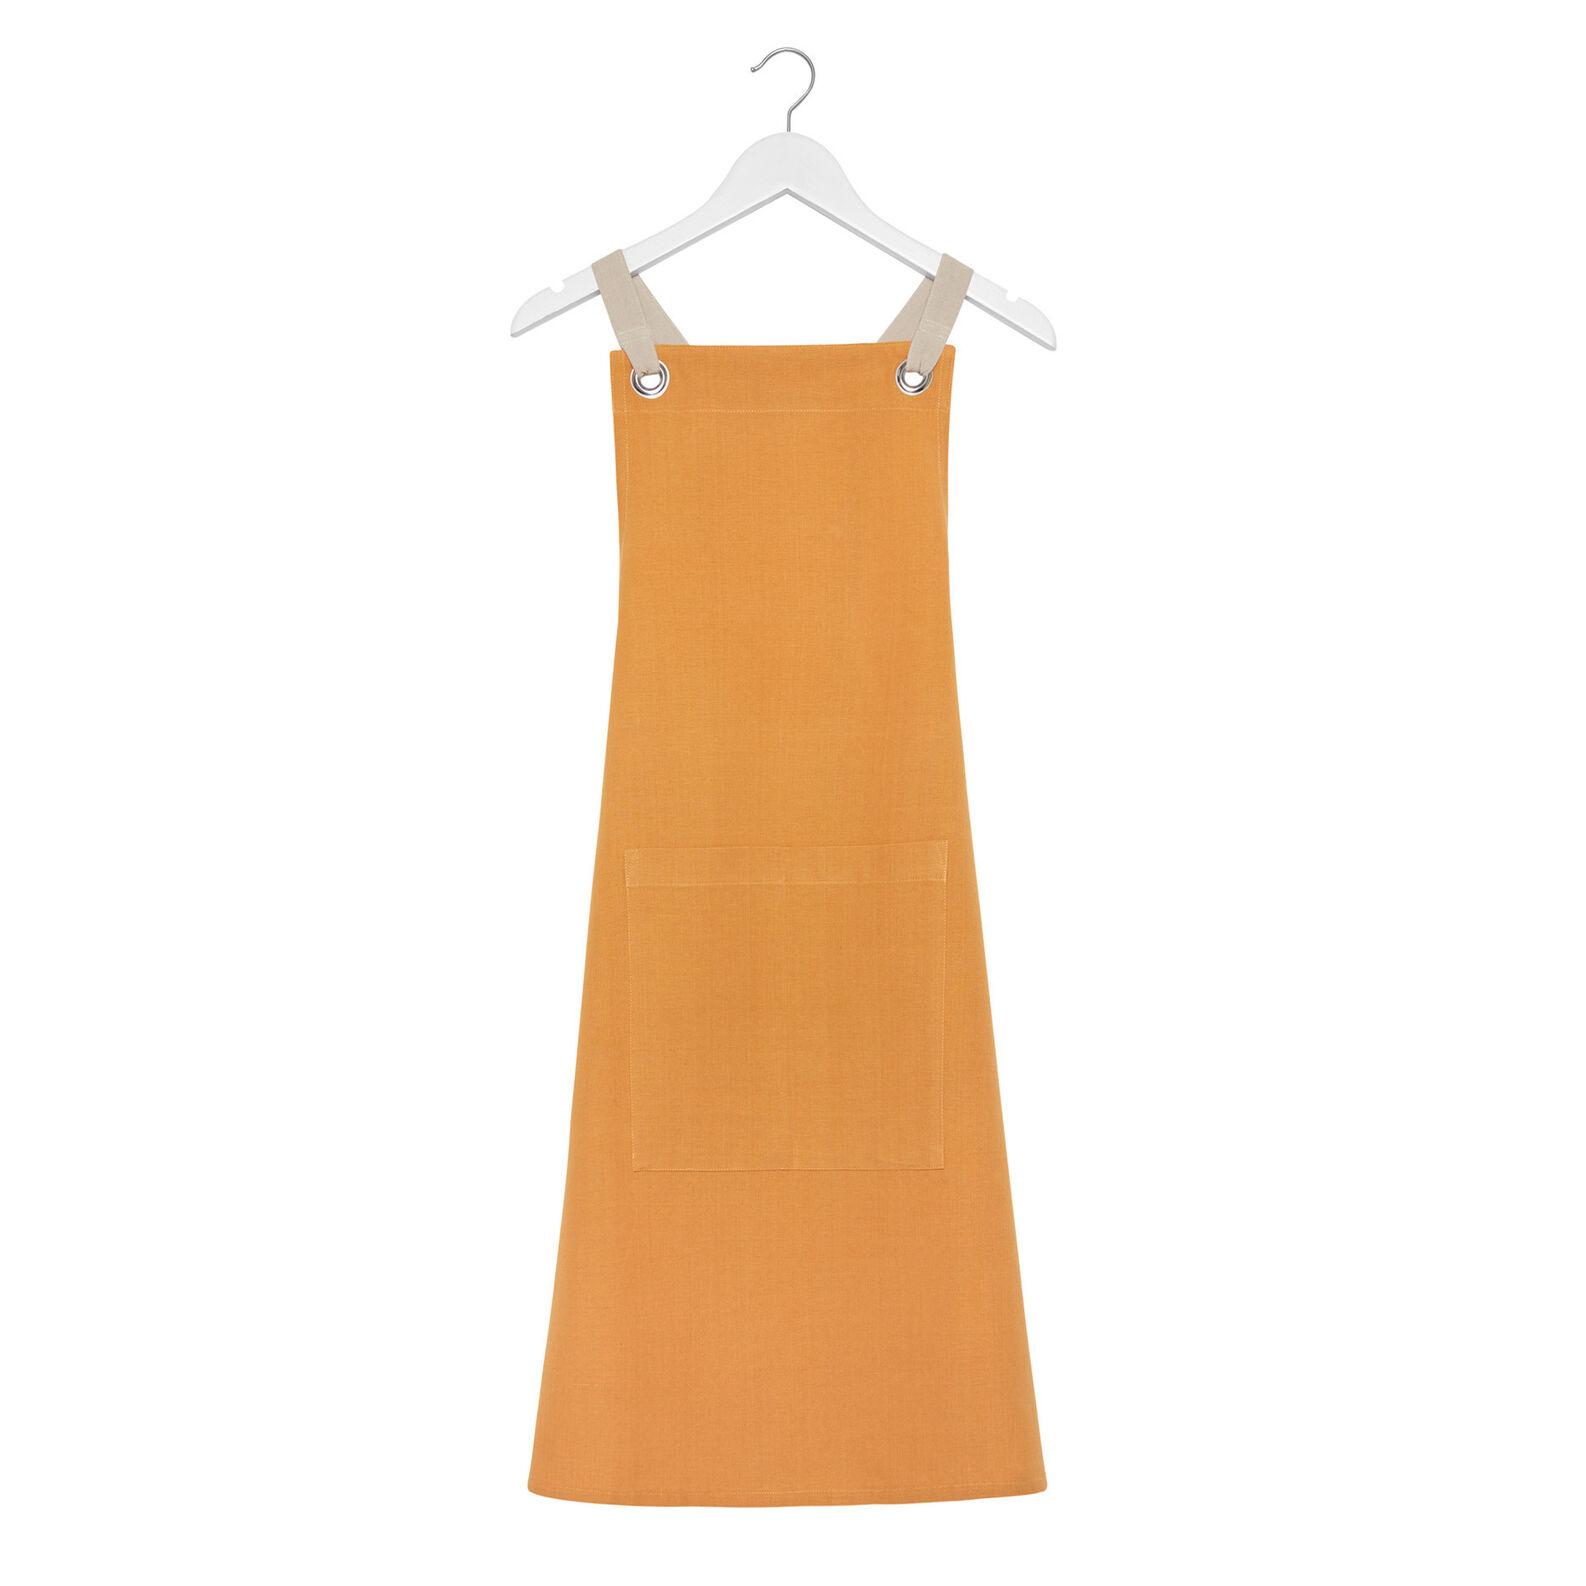 Solid colour 100% cotton apron